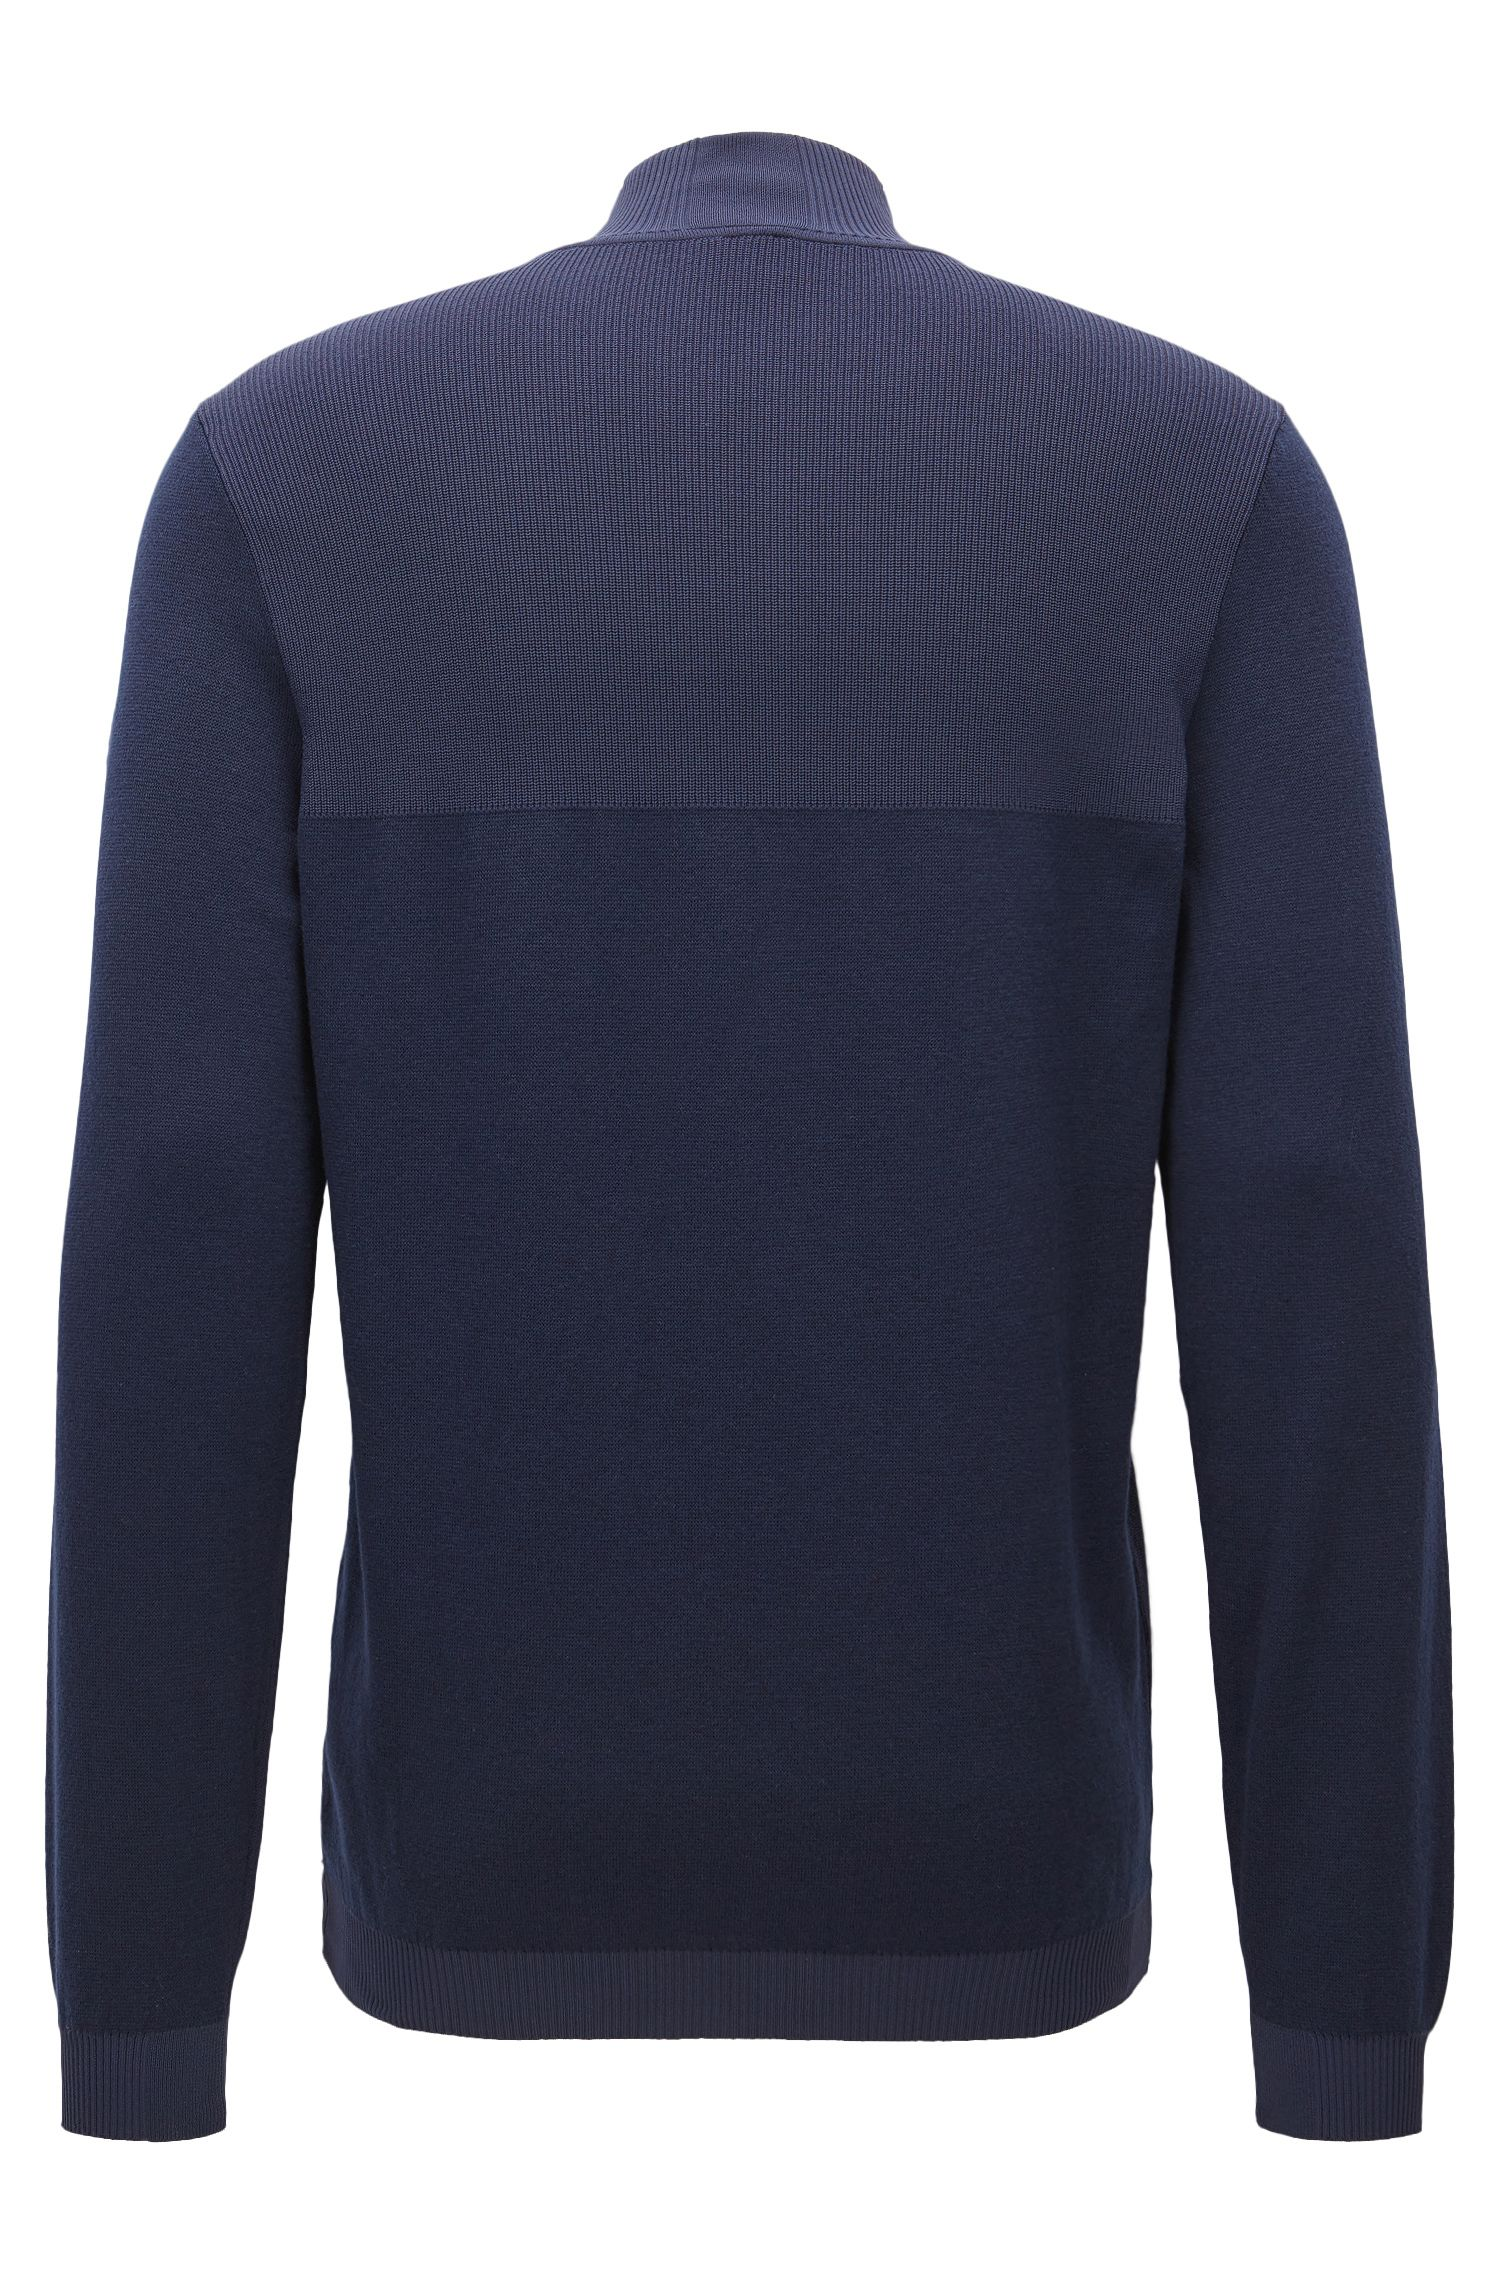 Cotton Blend Half-Zip Sweater | Zokia, Dark Blue